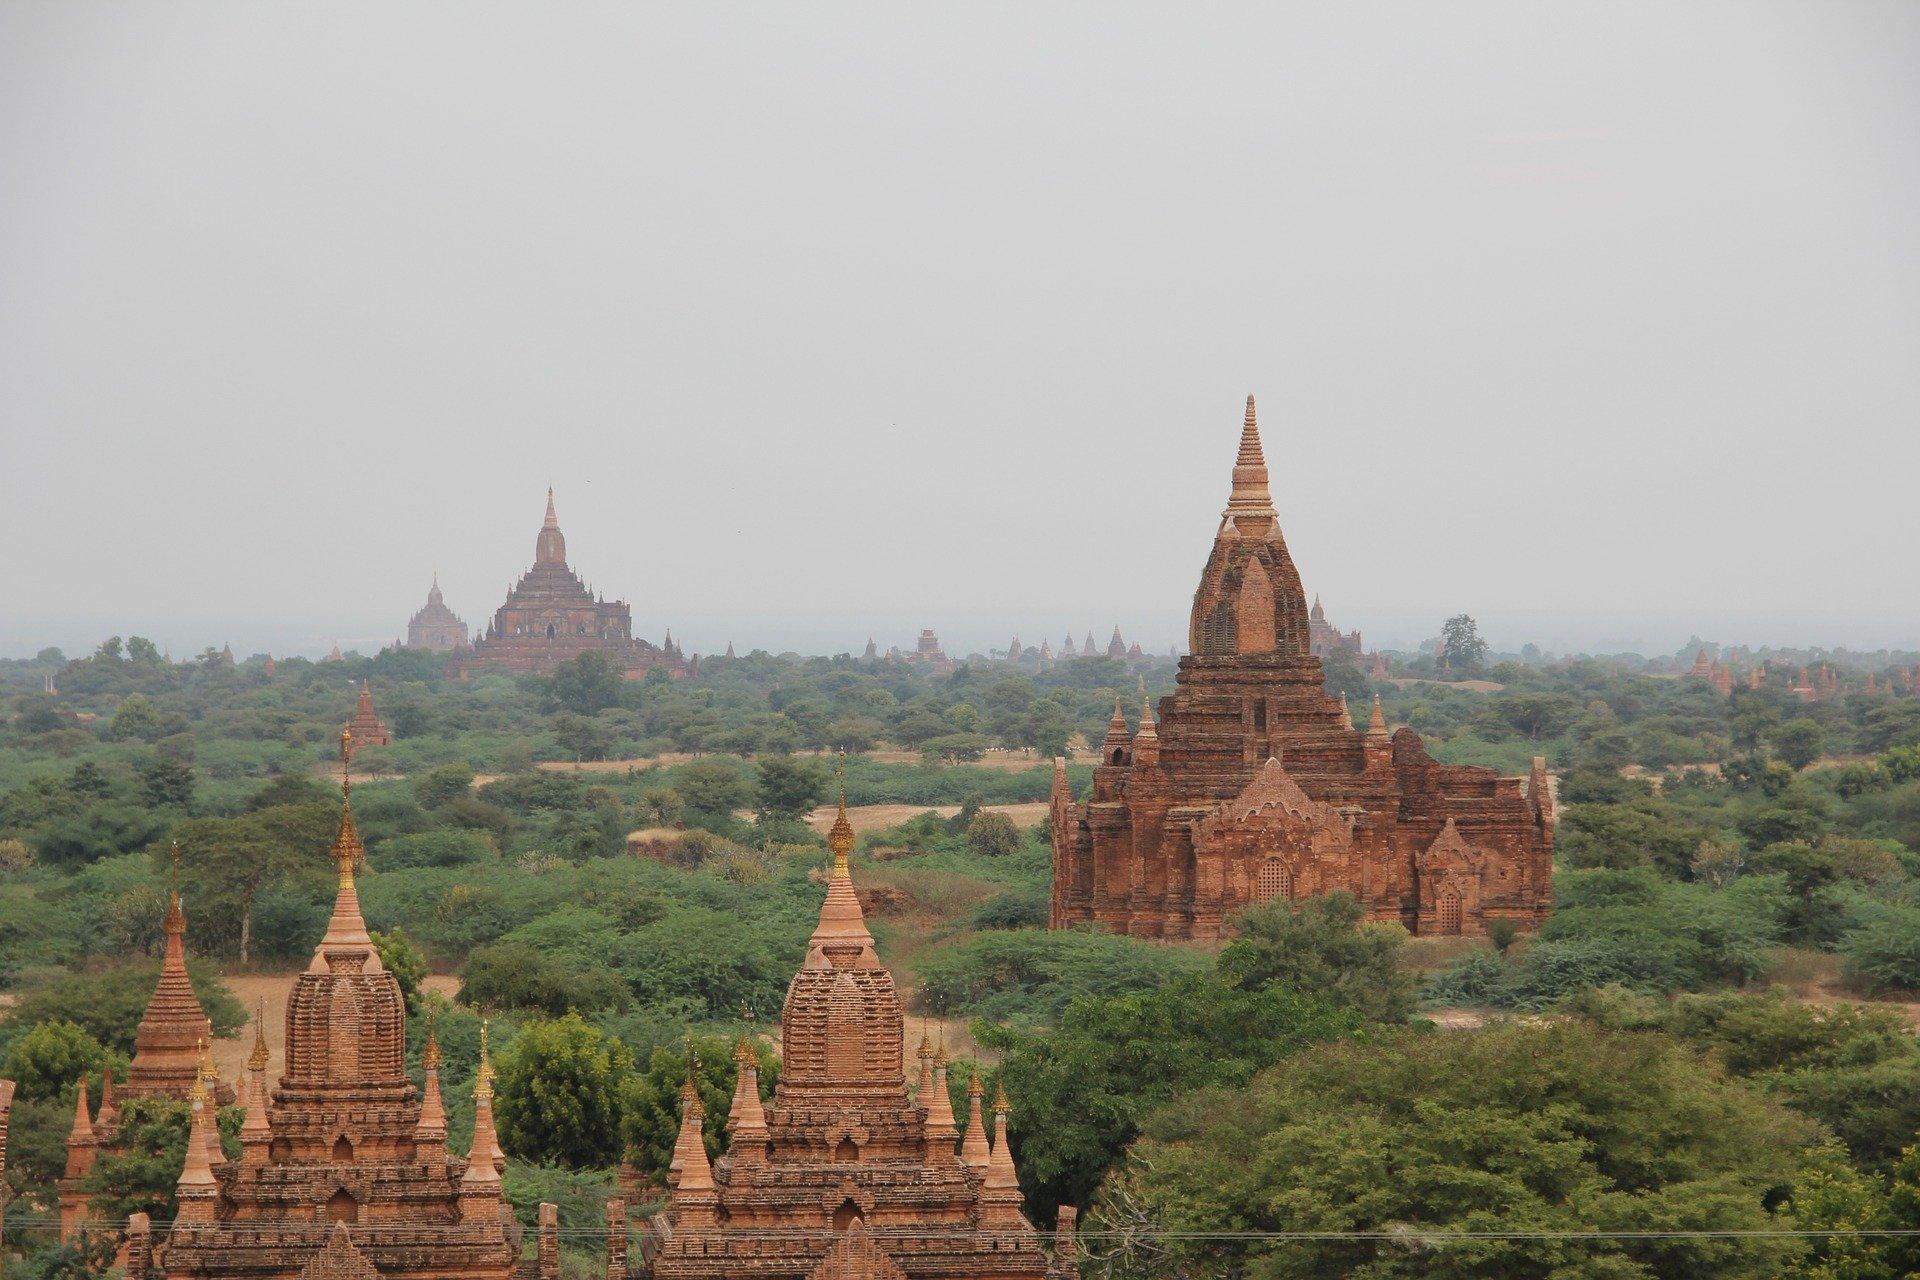 pagoda-1029326_1920